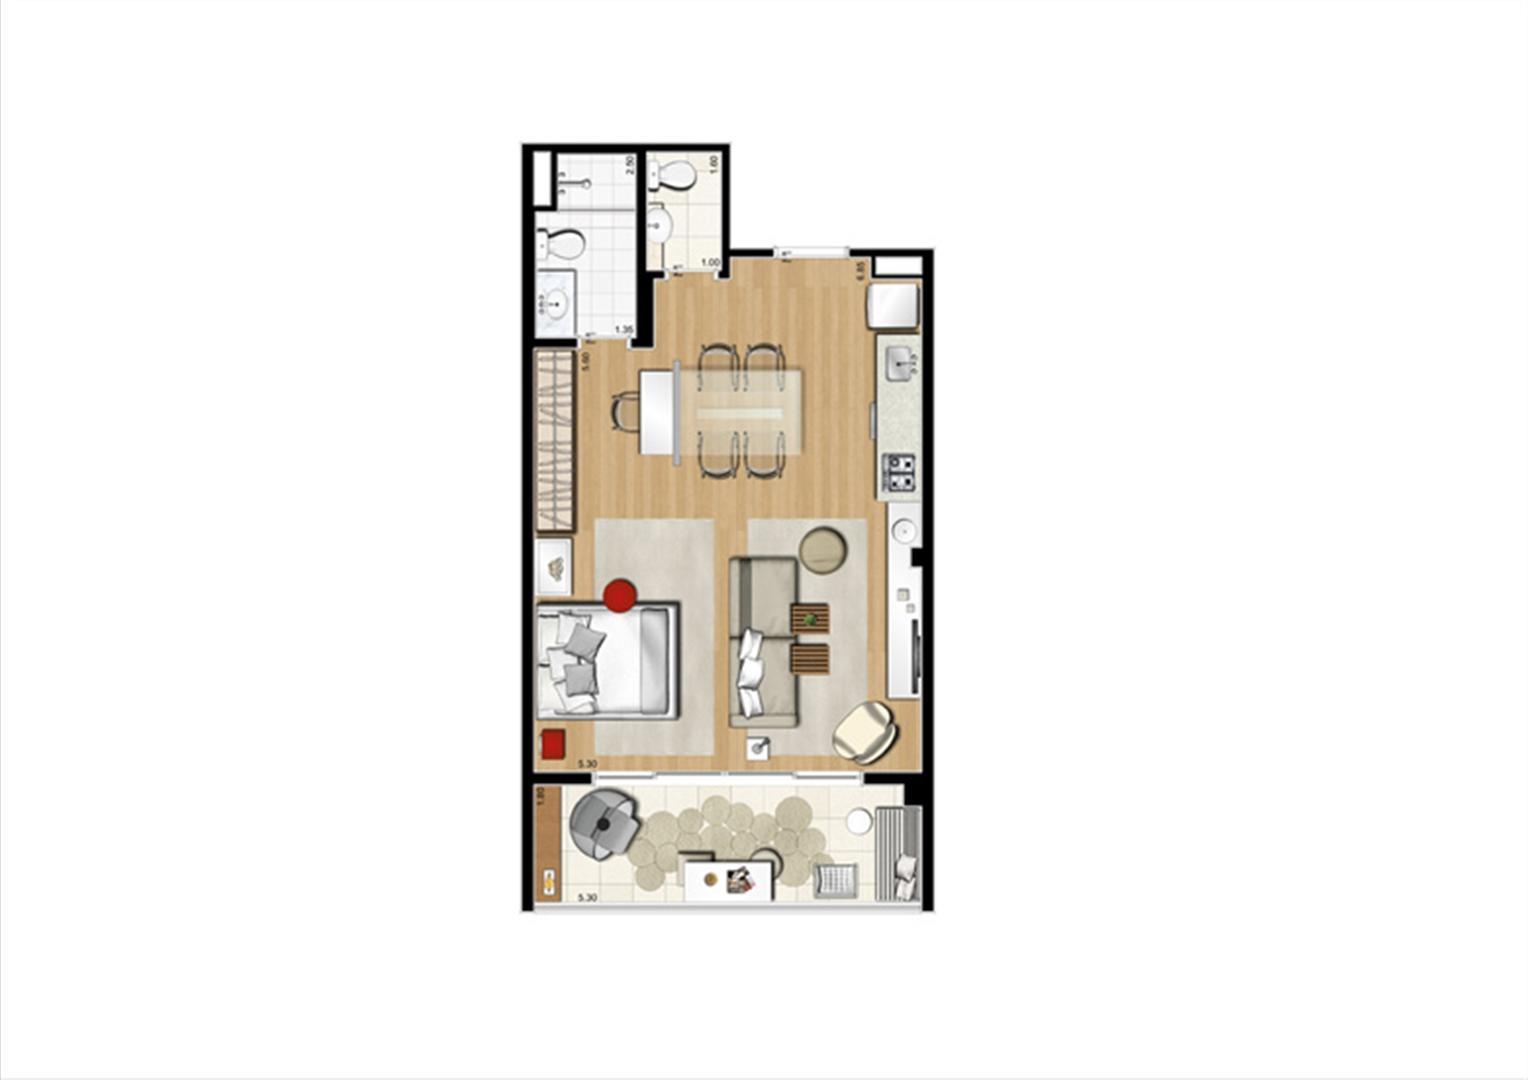 Planta studio inteligente de 54 m² | Home Boutique – Apartamento no  Brooklin - São Paulo - São Paulo